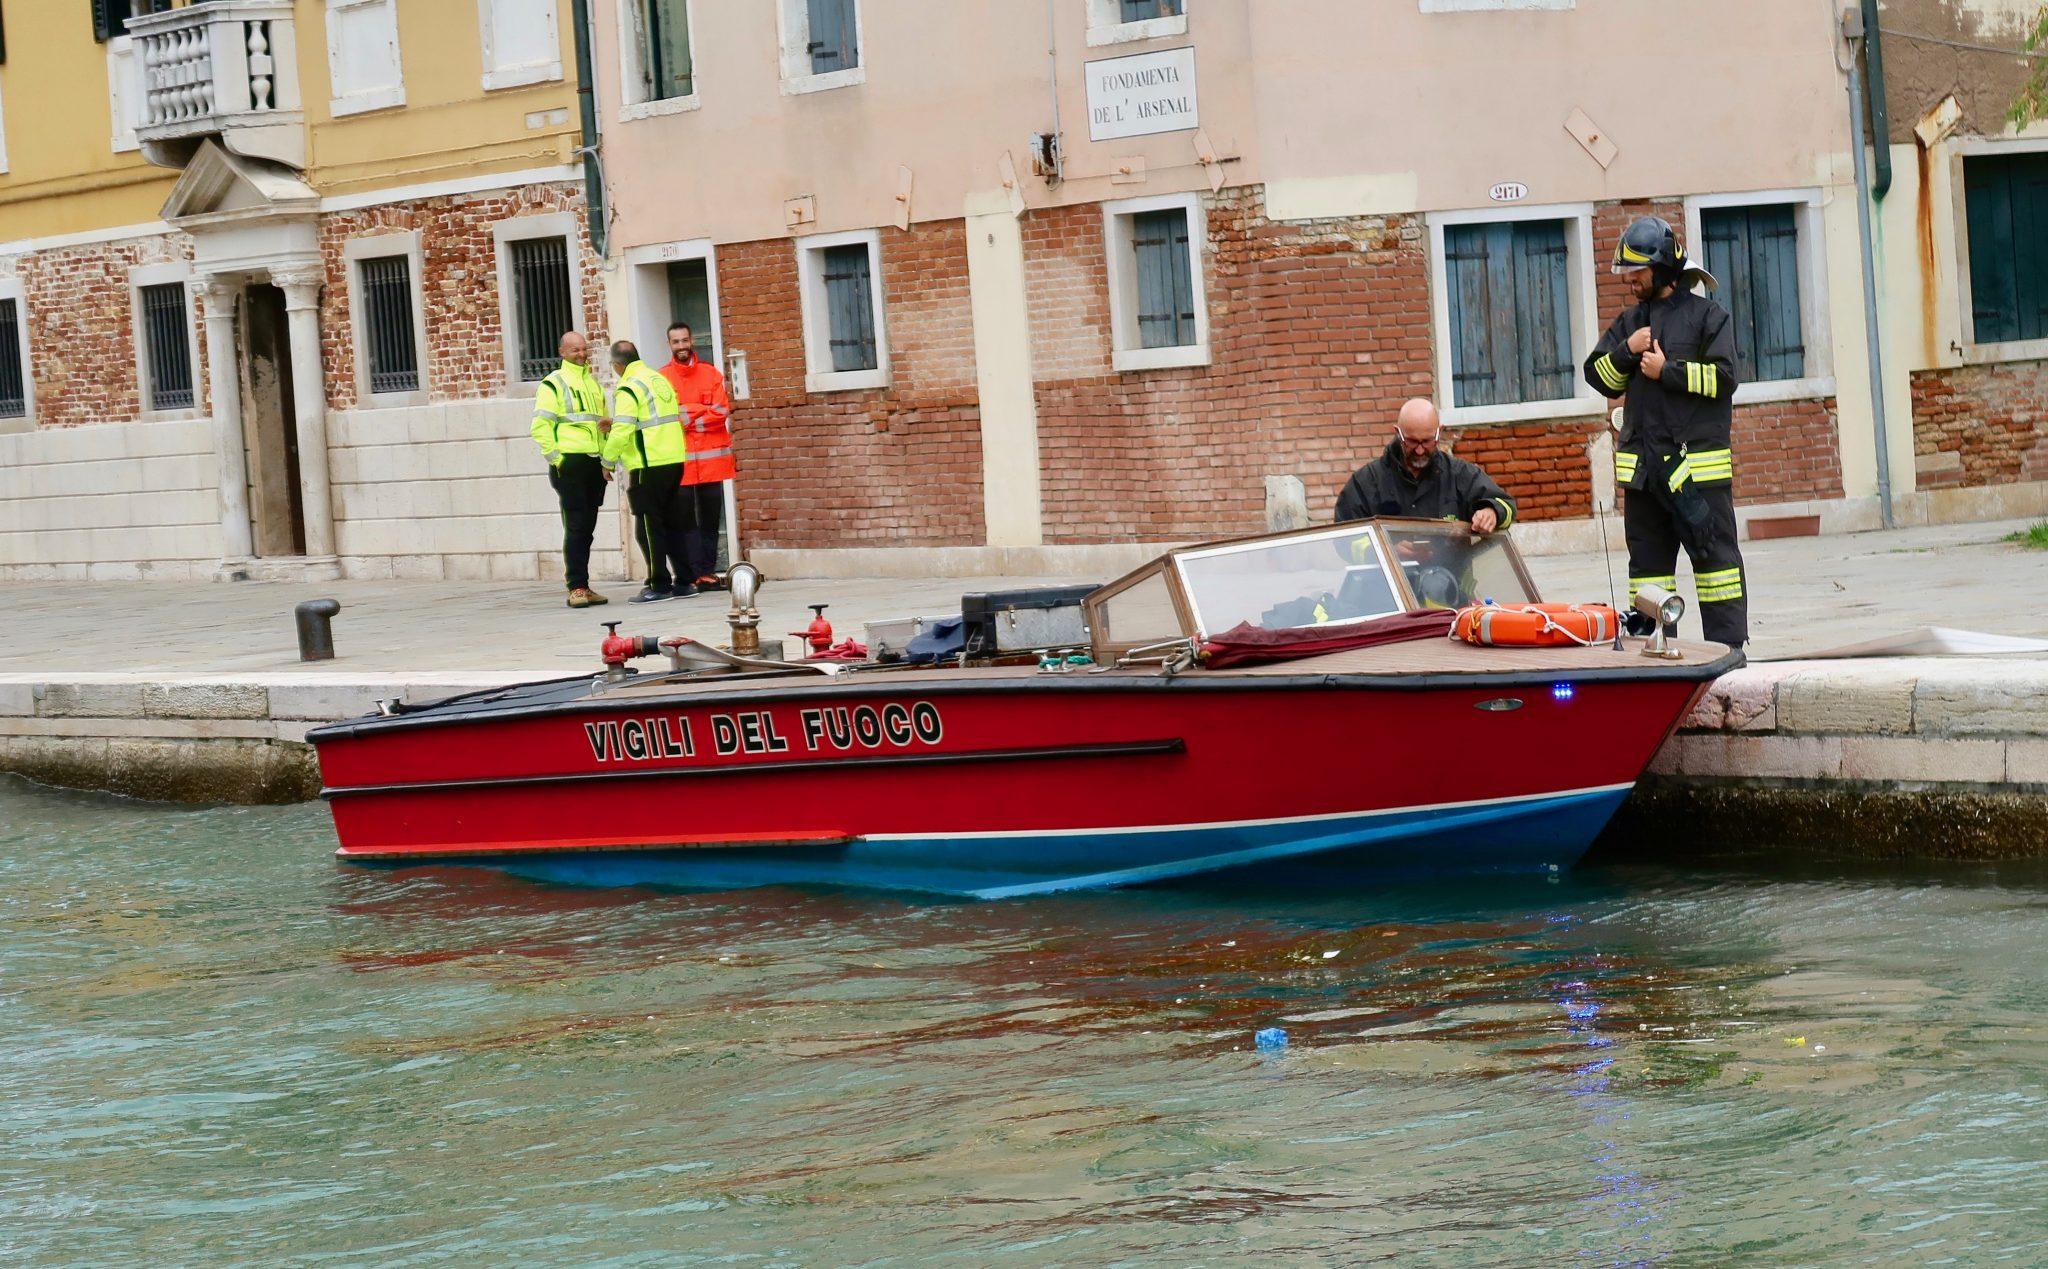 Venedig, Feuerwehr - Löschfahrzeug: Was glaubst du, wie lange benötigt die Feuerwehr, um beim Feuer, das sie löschen sollen, ankommt? Wenigstens sparen sie Zeit bei der Wasserbeschaffung - direkt unter dem Einsatzfahrzeug.